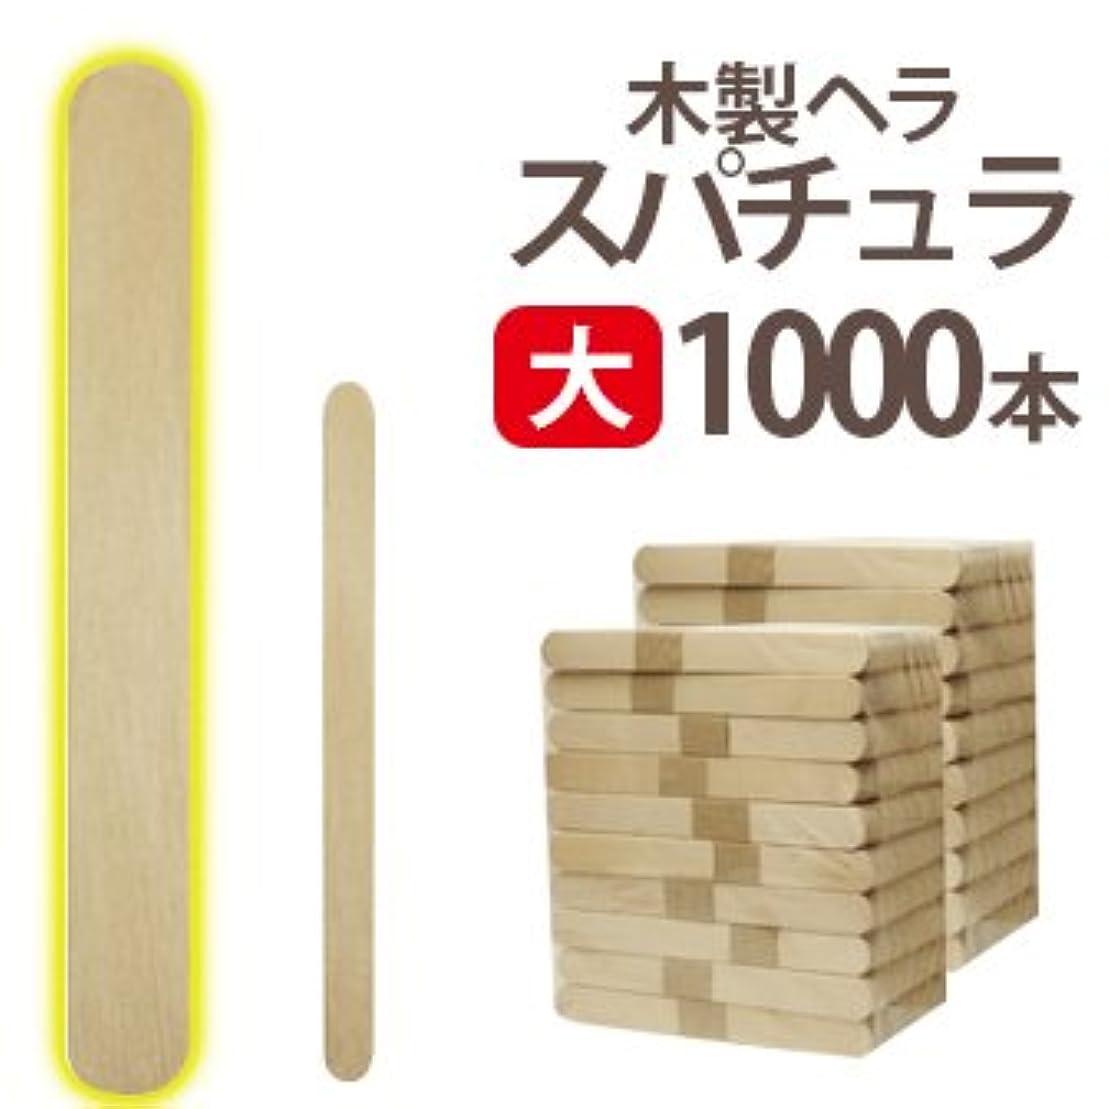 脱走断言する牛大 ブラジリアンワックス 業務用1000本 スパチュラ Aタイプ(個別梱包なし 150×16)